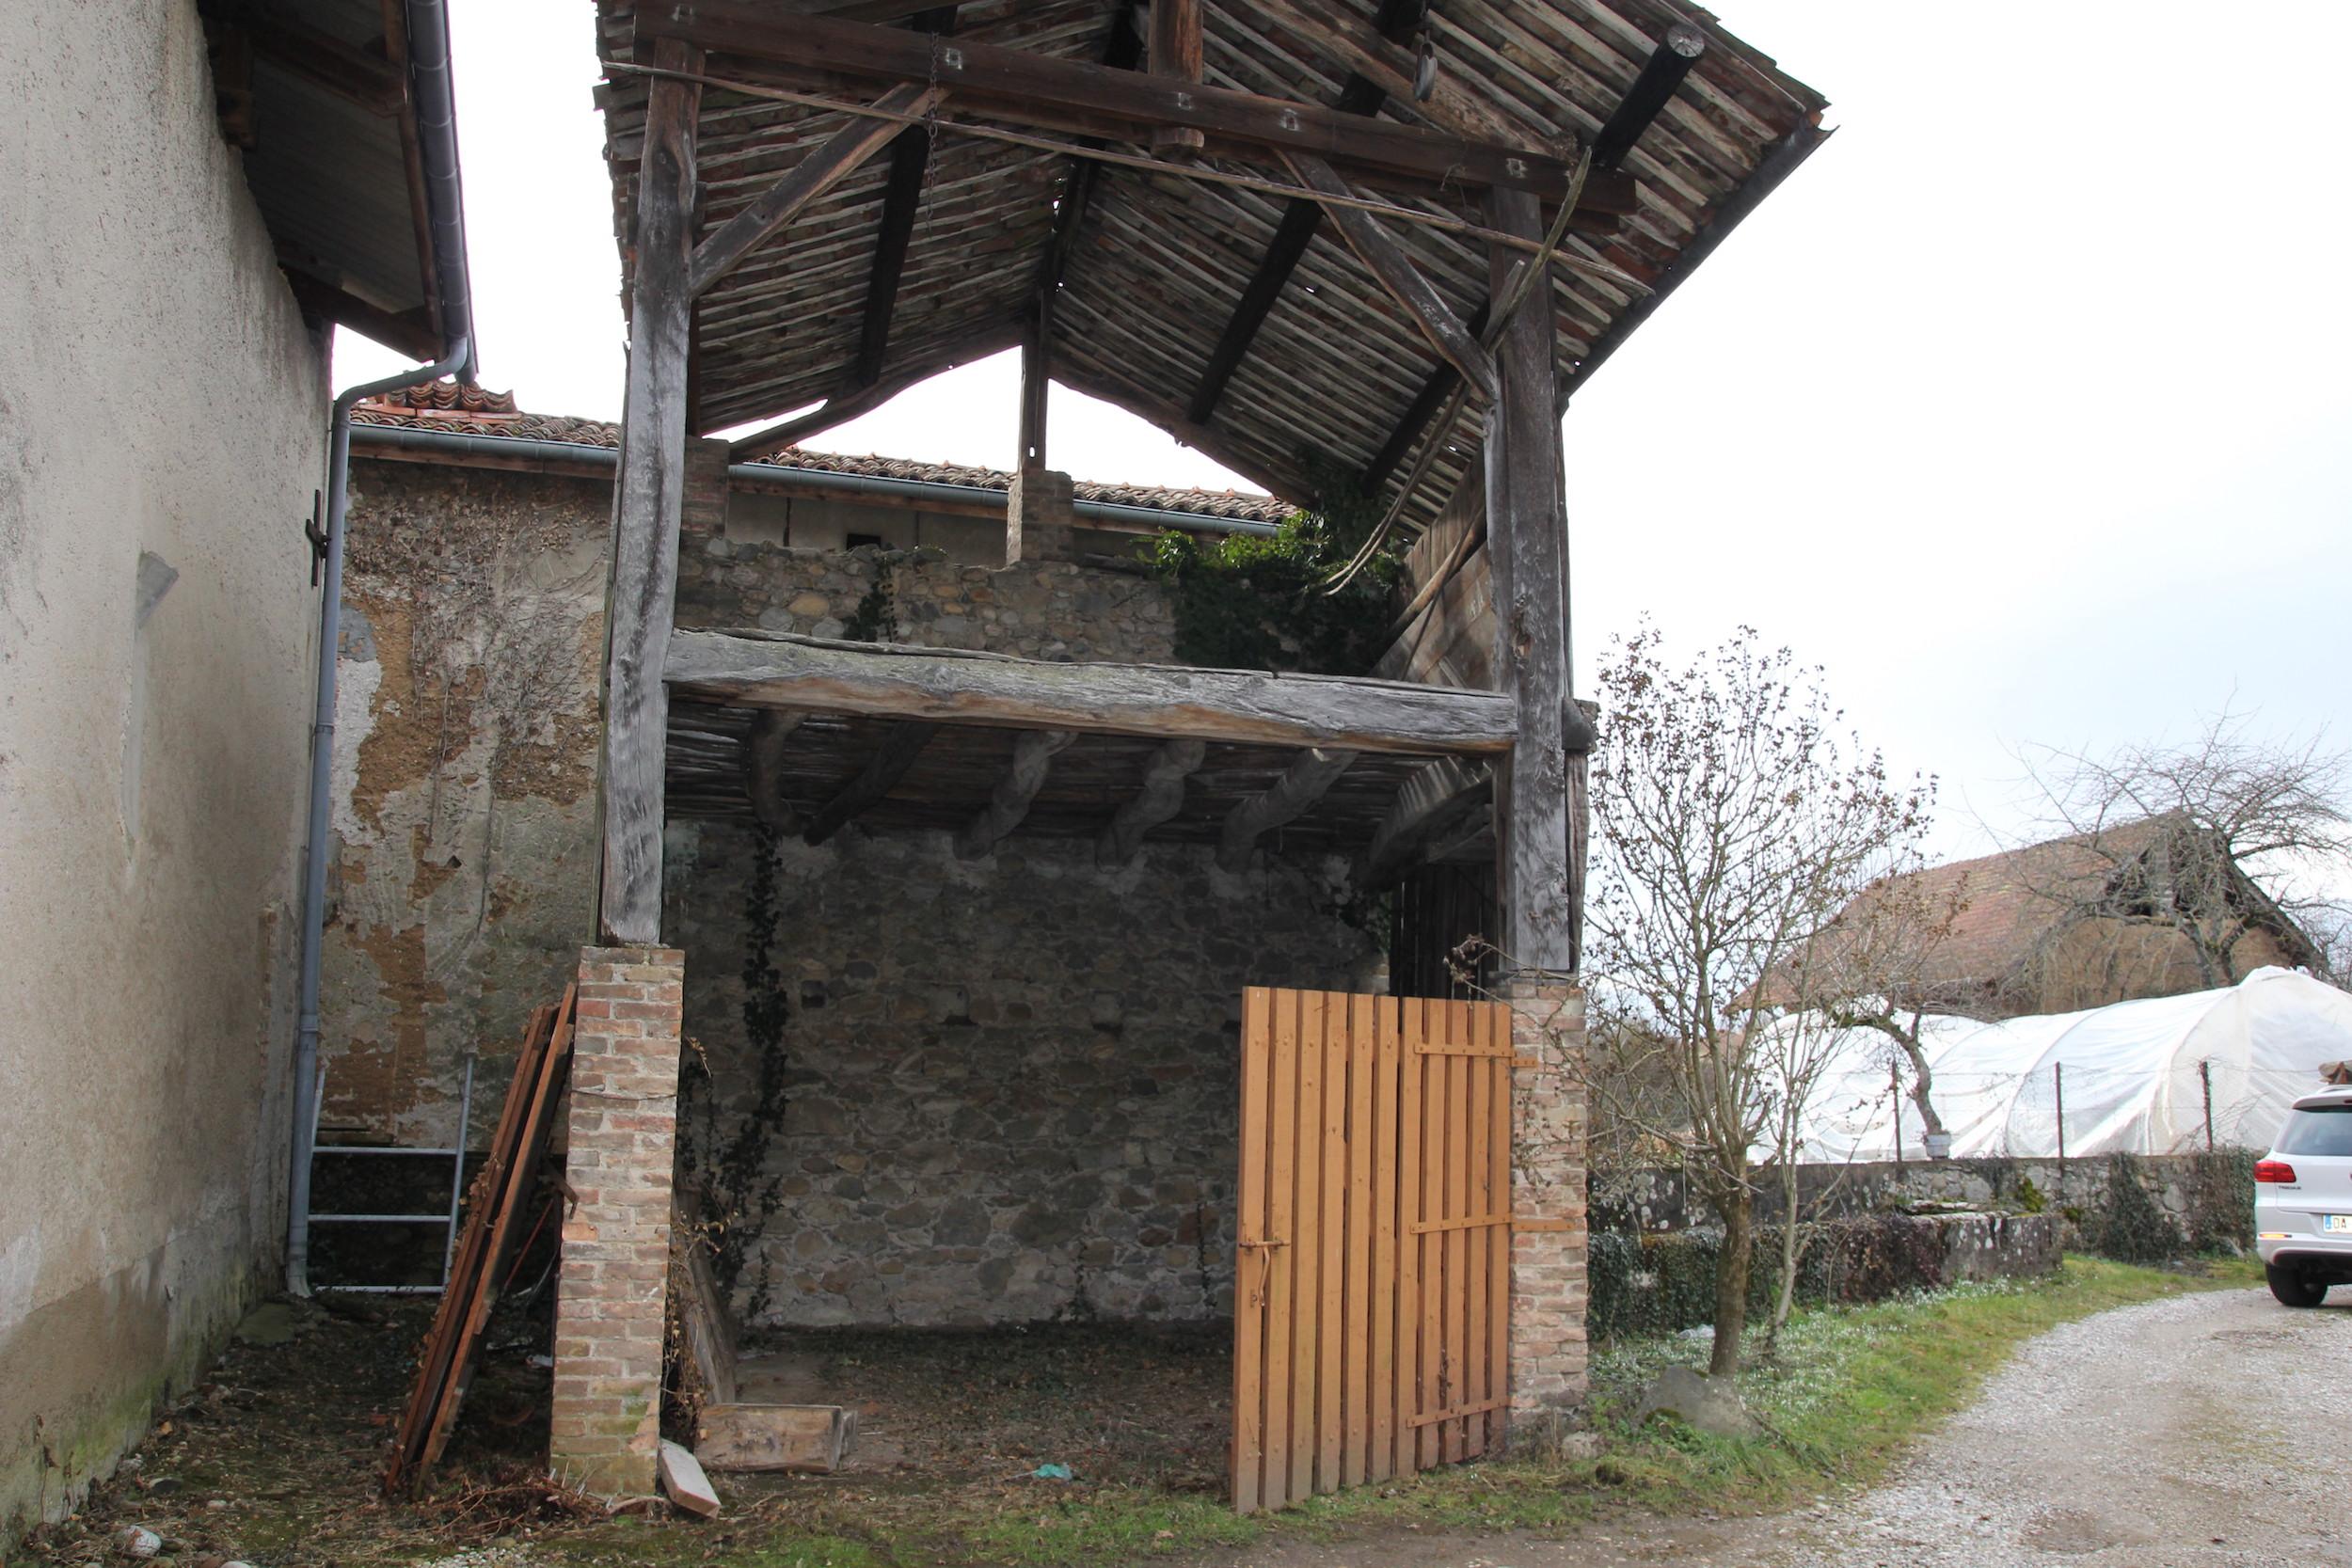 Réaumont Maison à Rénover